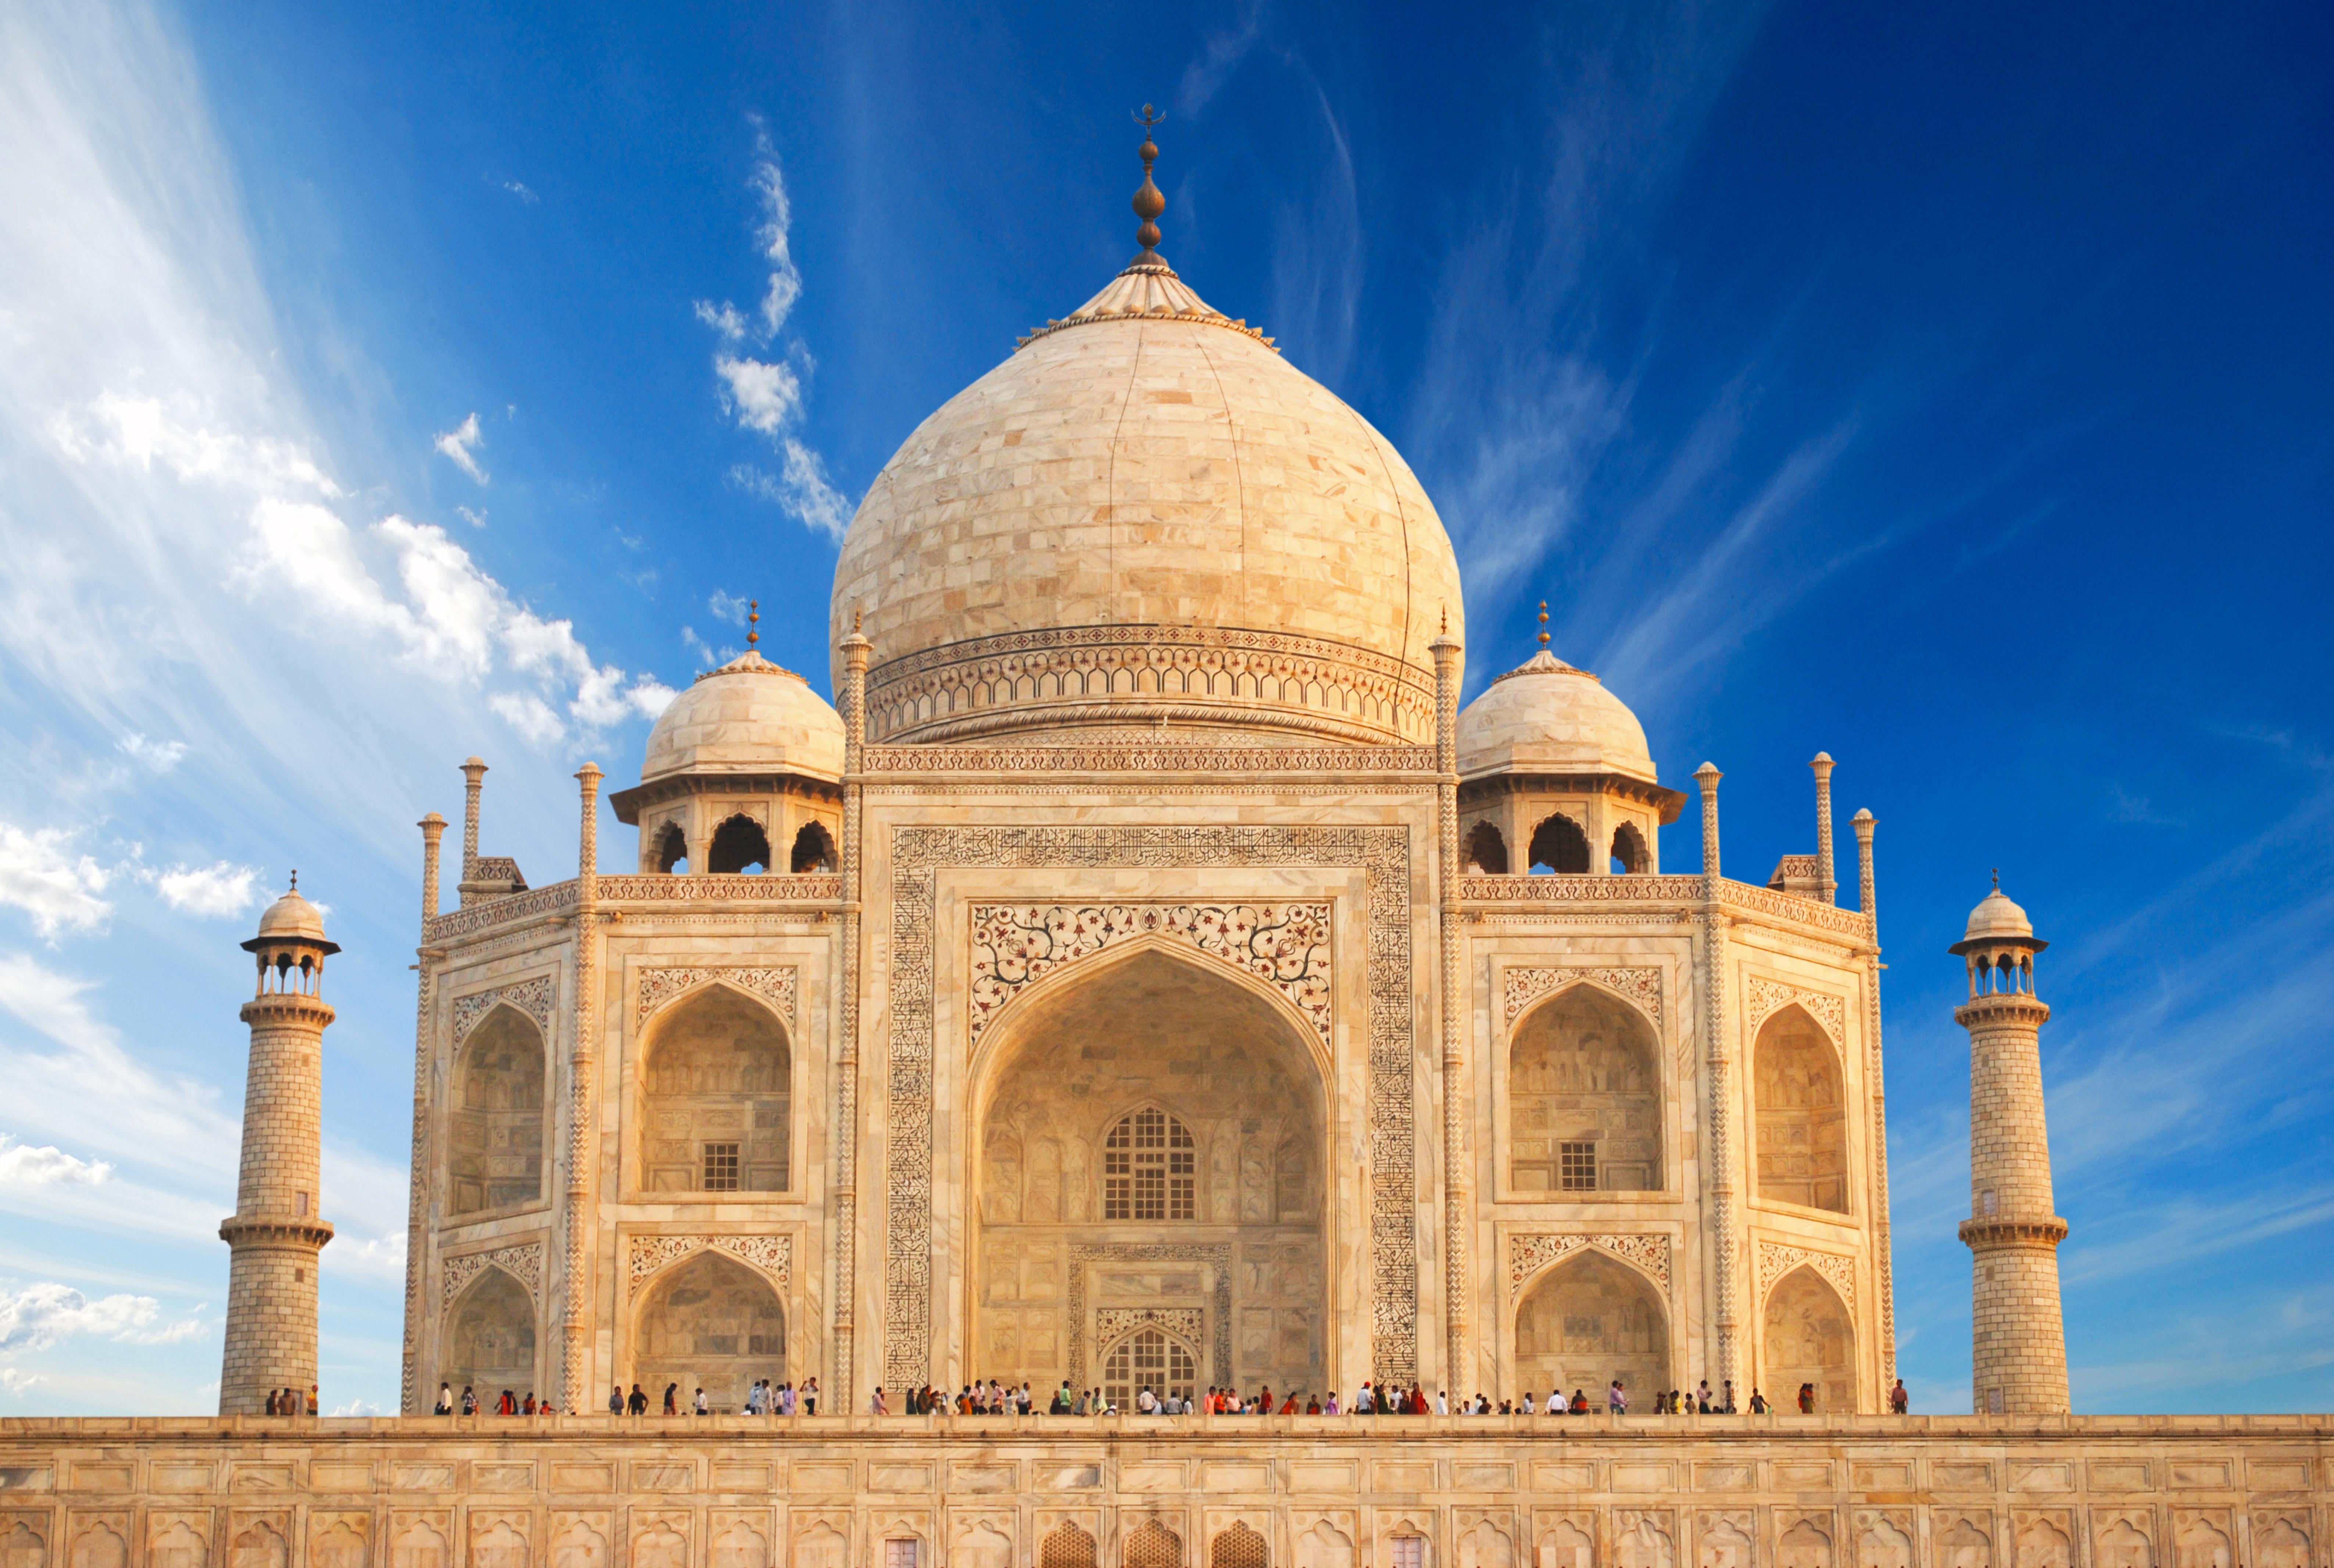 Индия  № 2237324 бесплатно